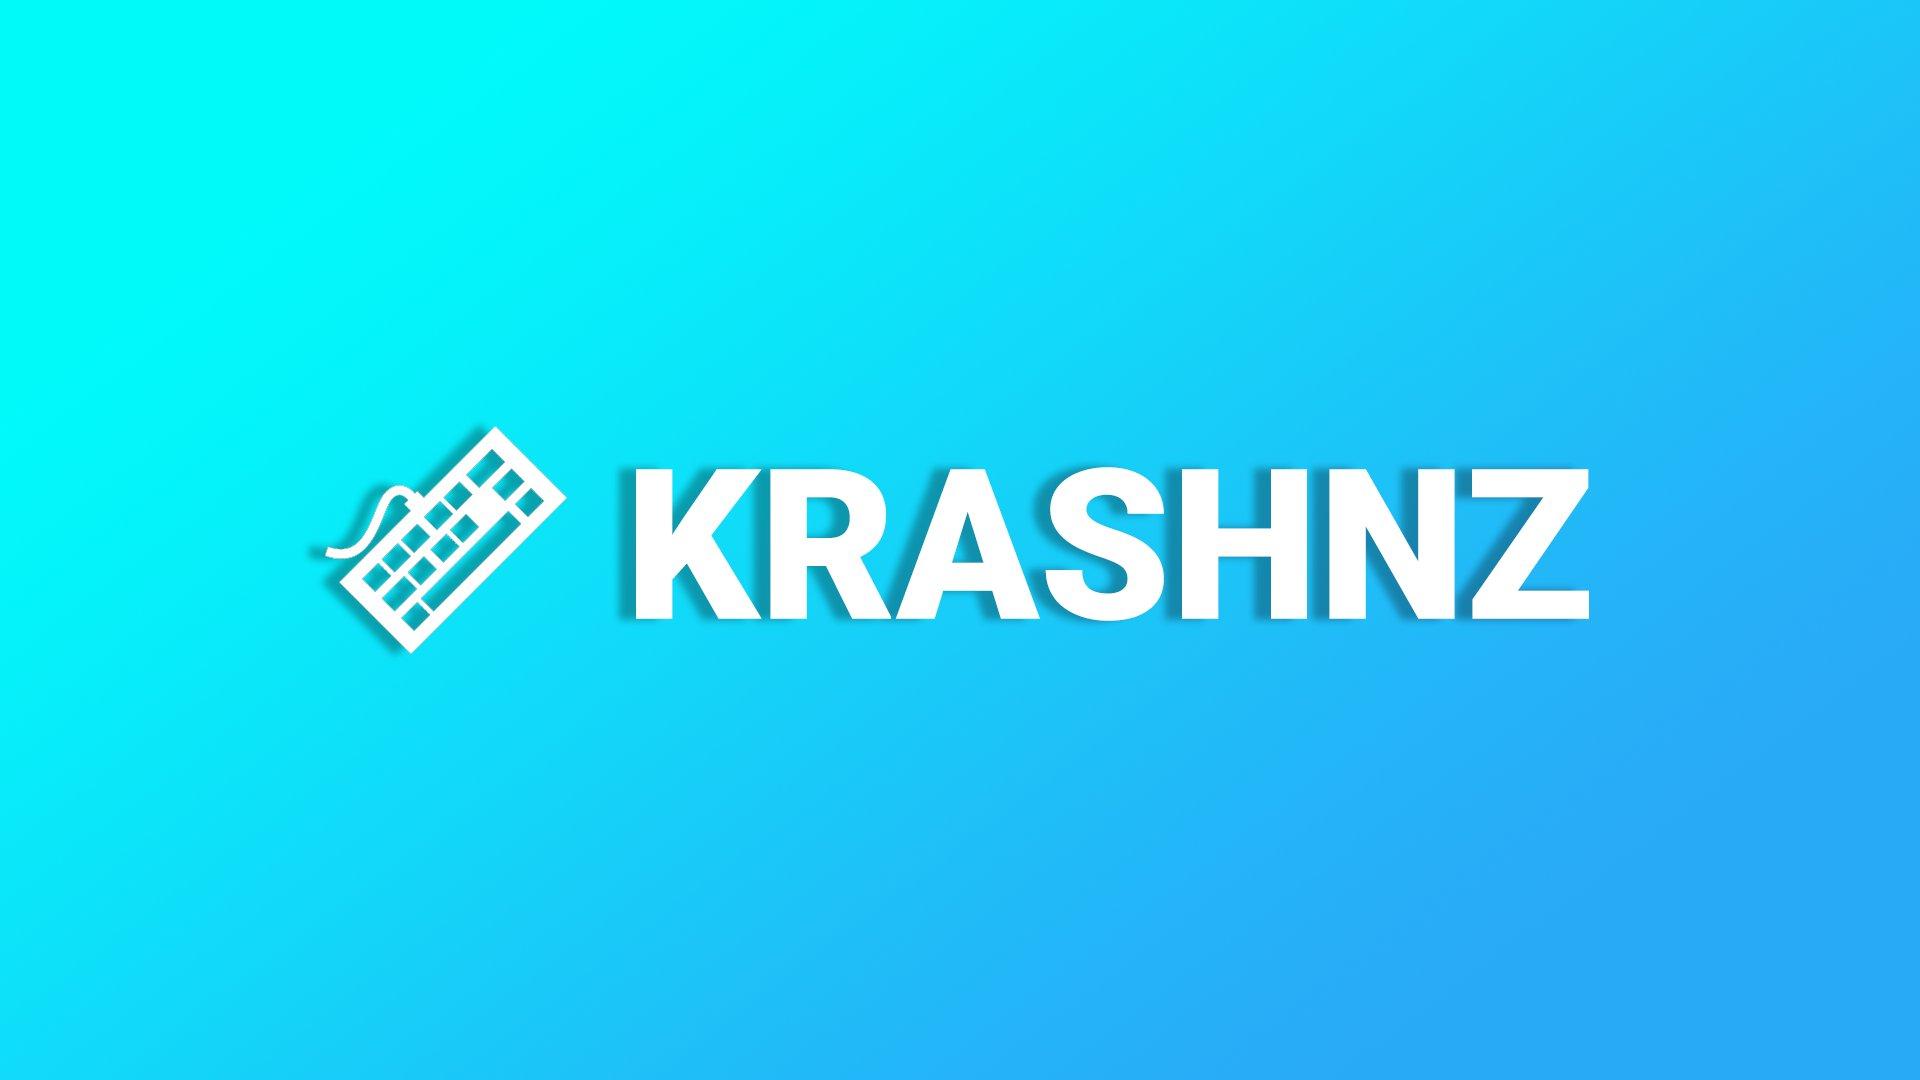 Krashnz